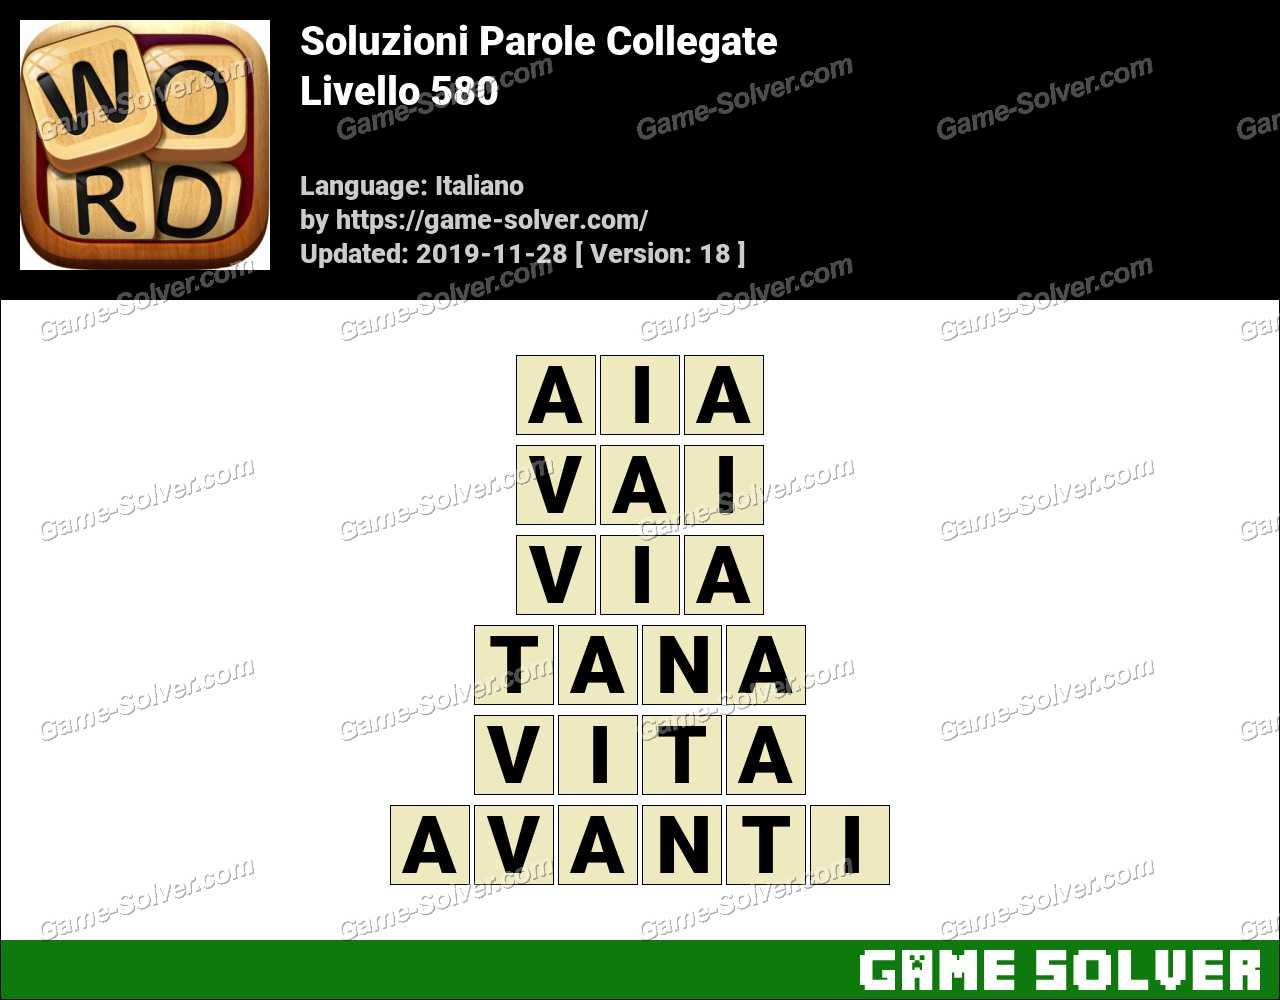 Soluzioni Parole Collegate Livello 580